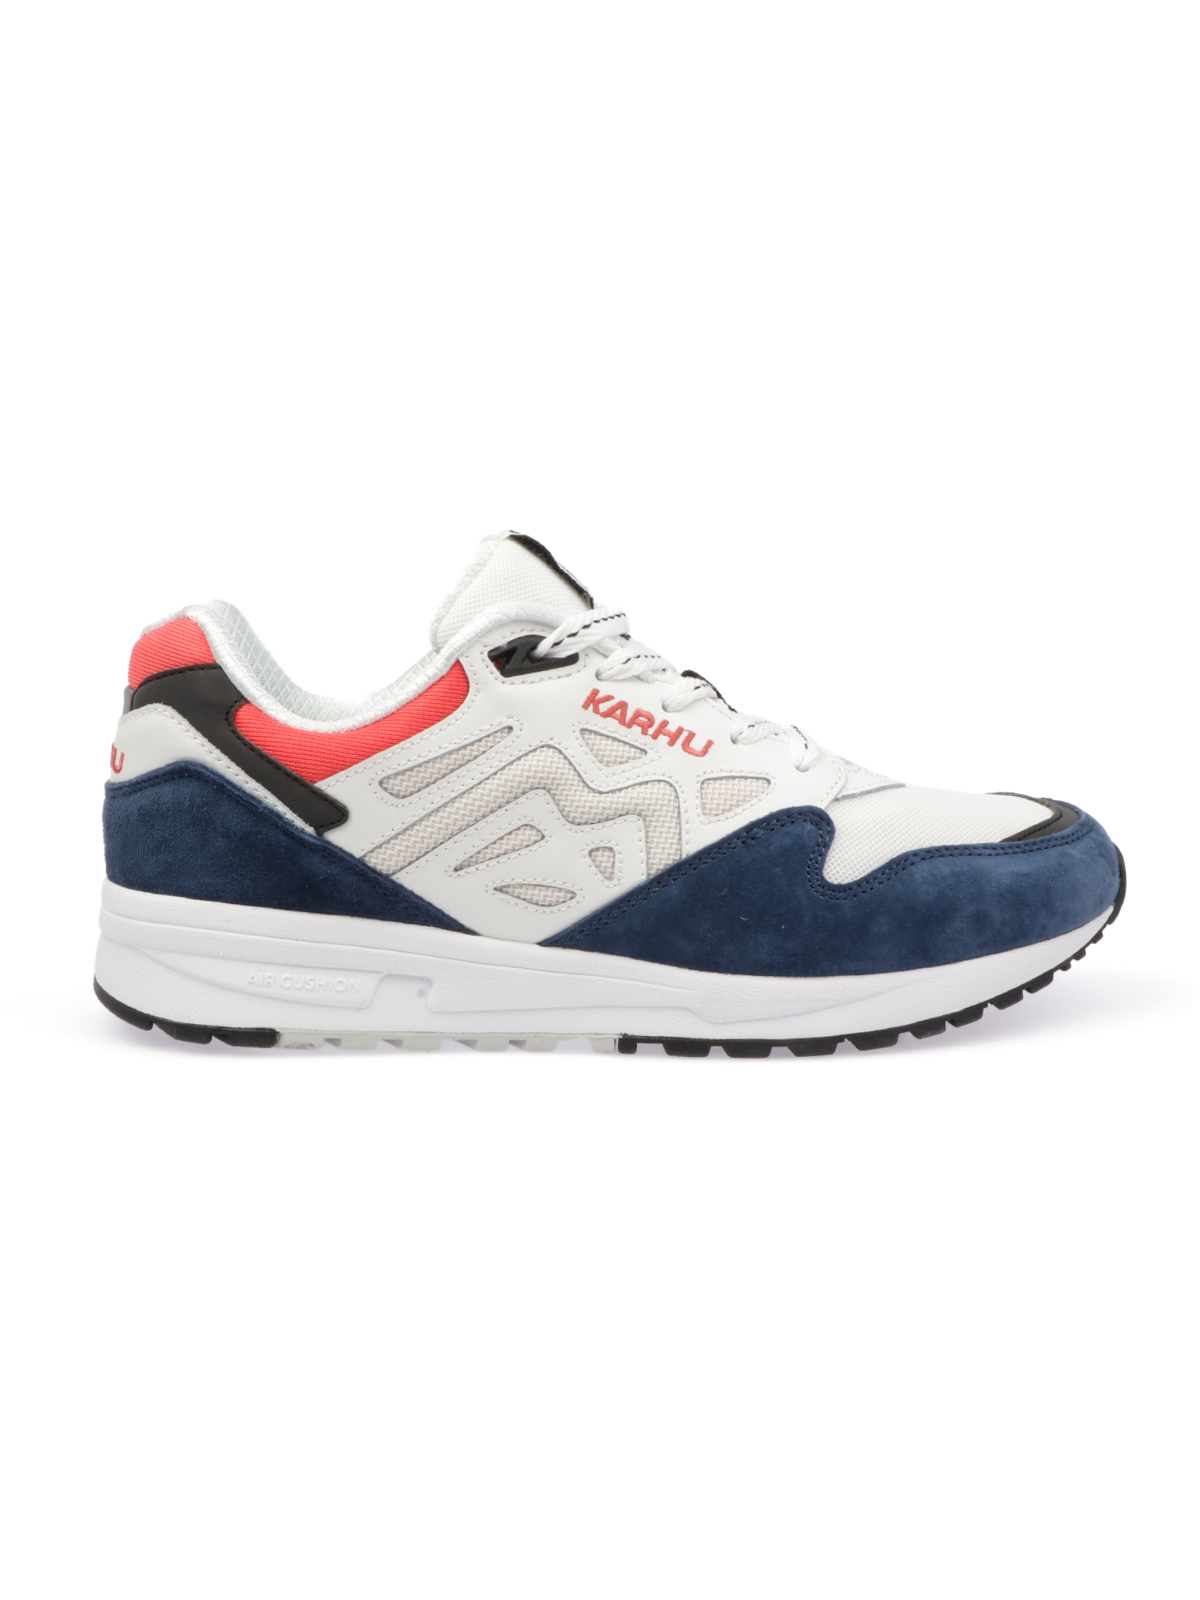 Picture of Karhu   Footwear Legacy 96